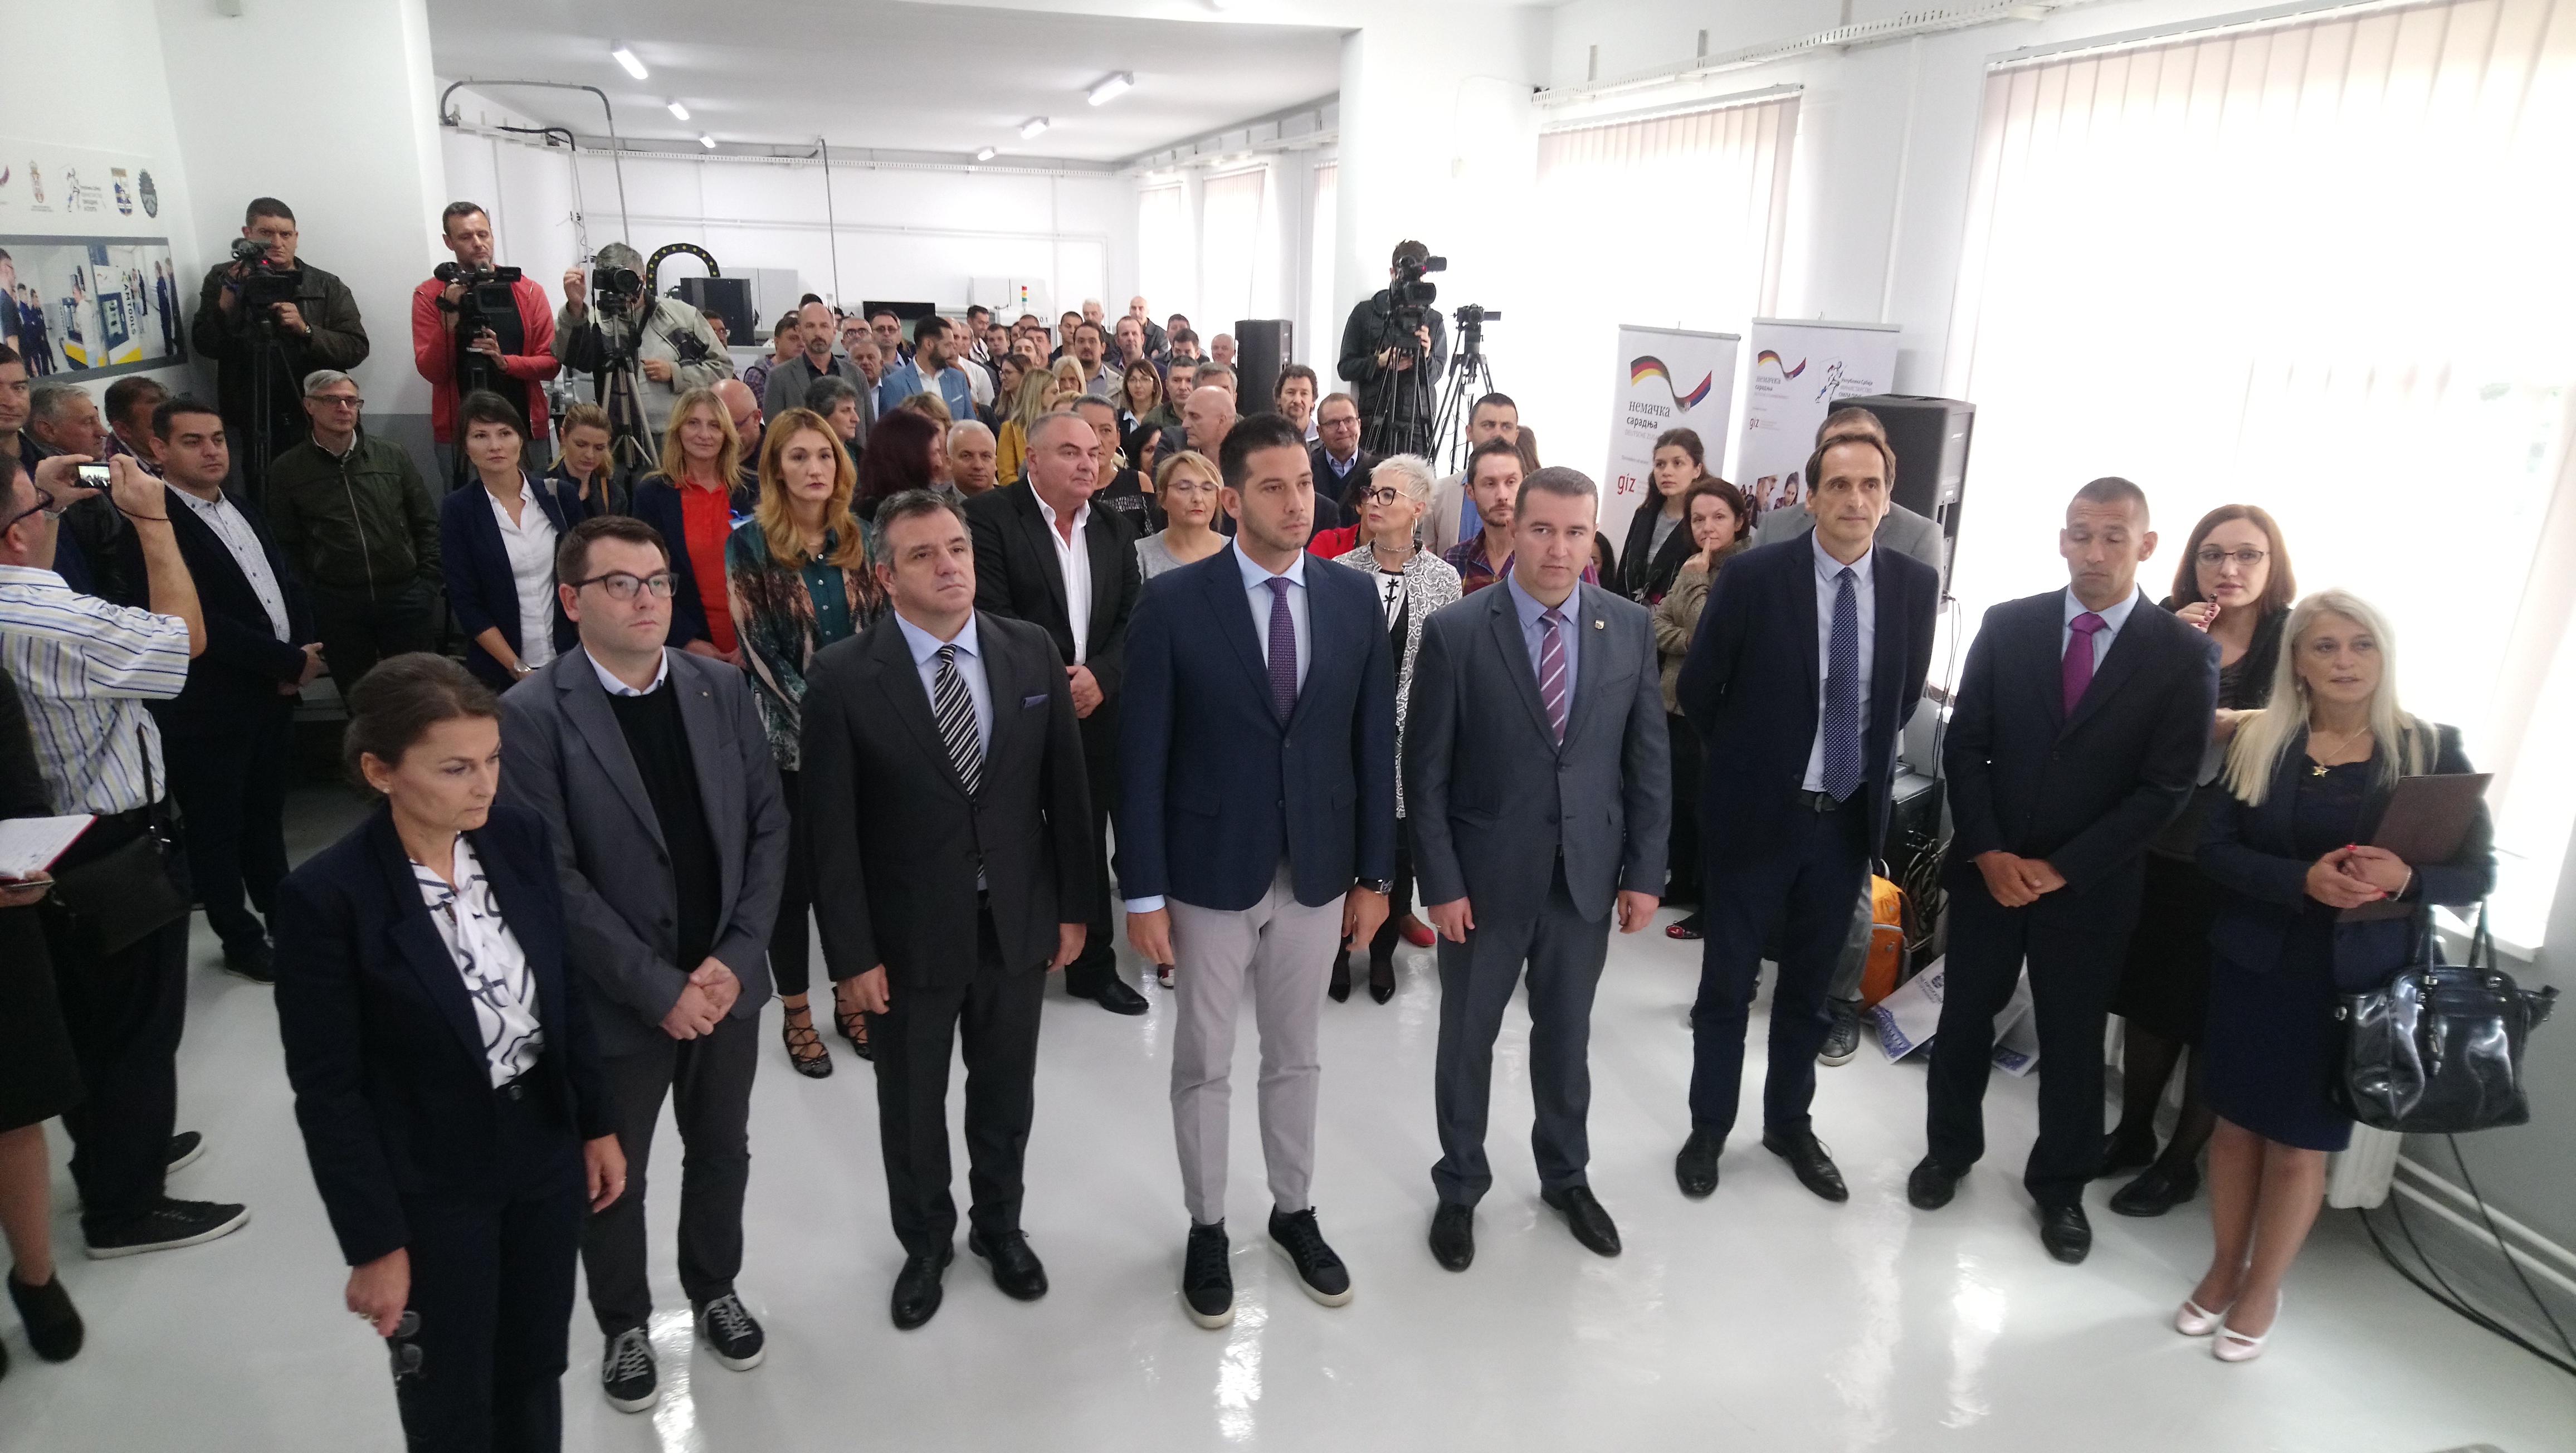 Нова шанса за младе – министар Удовичић отворио ЦНЦ тренинг центар у Прокупљу